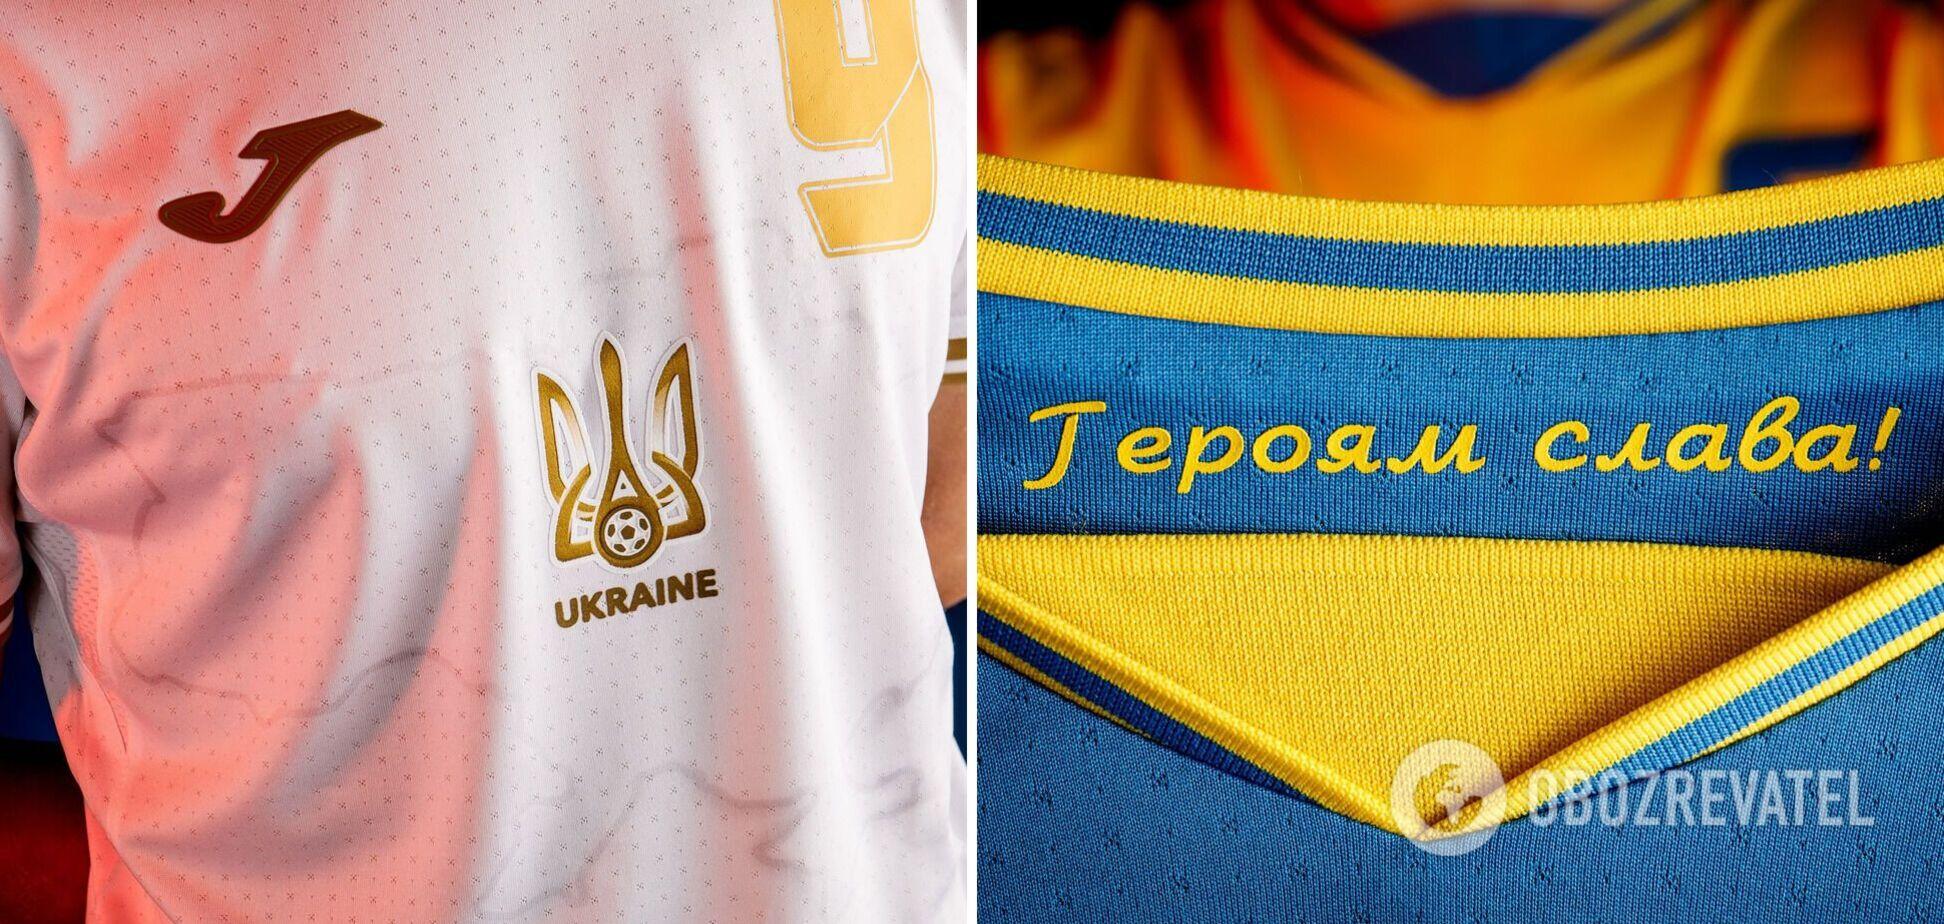 Украине запретили использовать лозунг 'Героям слава!'